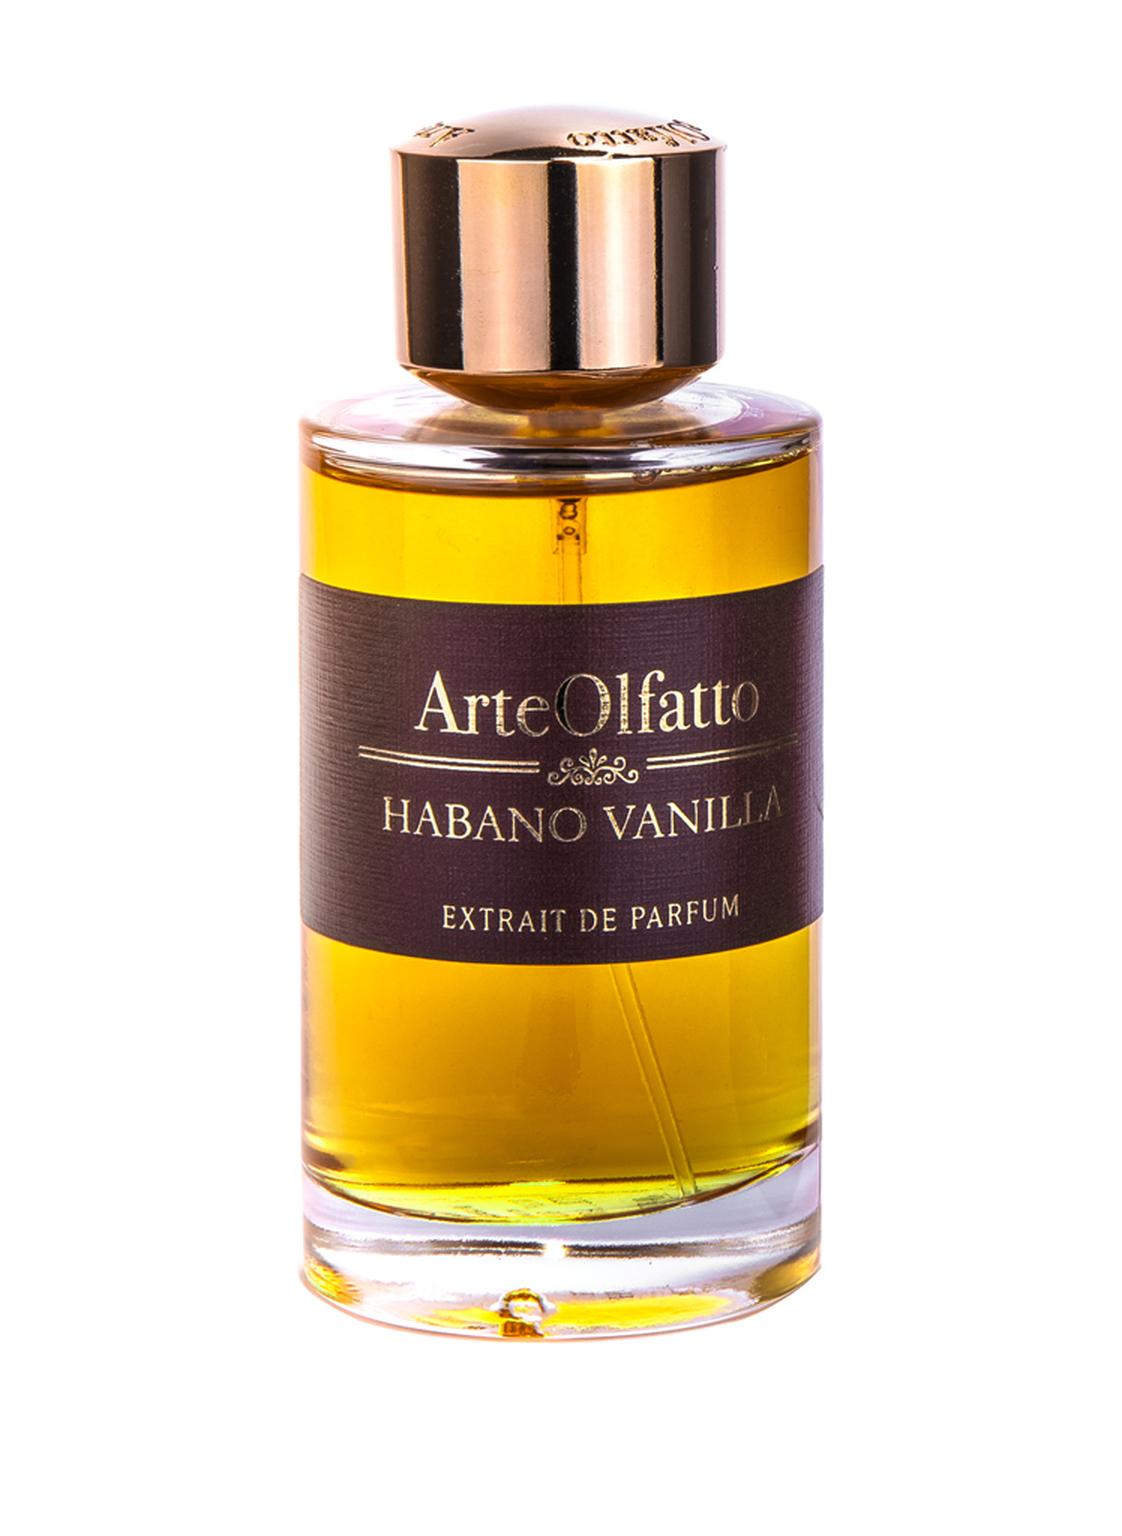 Image of Arte Olfatto Habano Vanilla Eau de Parfum 100 ml